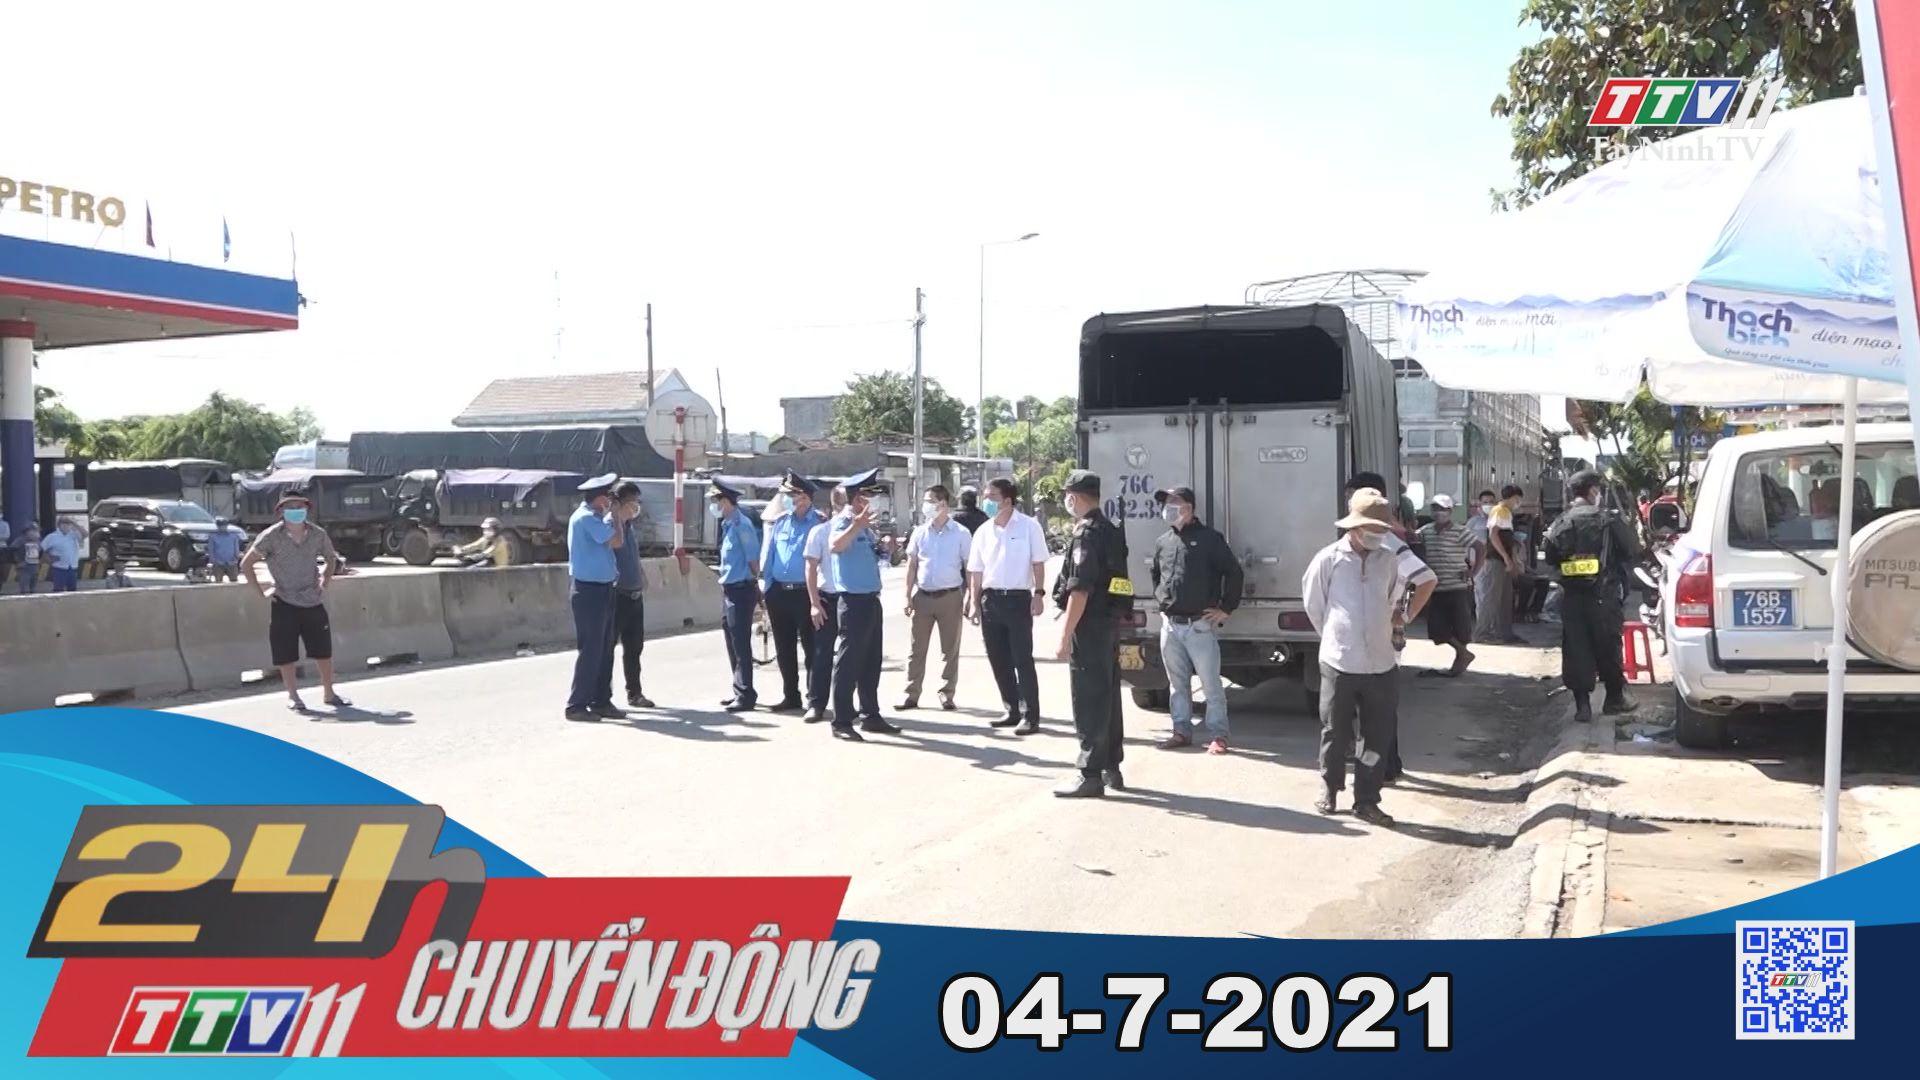 24h Chuyển động 04-7-2021   Tin tức hôm nay   TayNinhTV